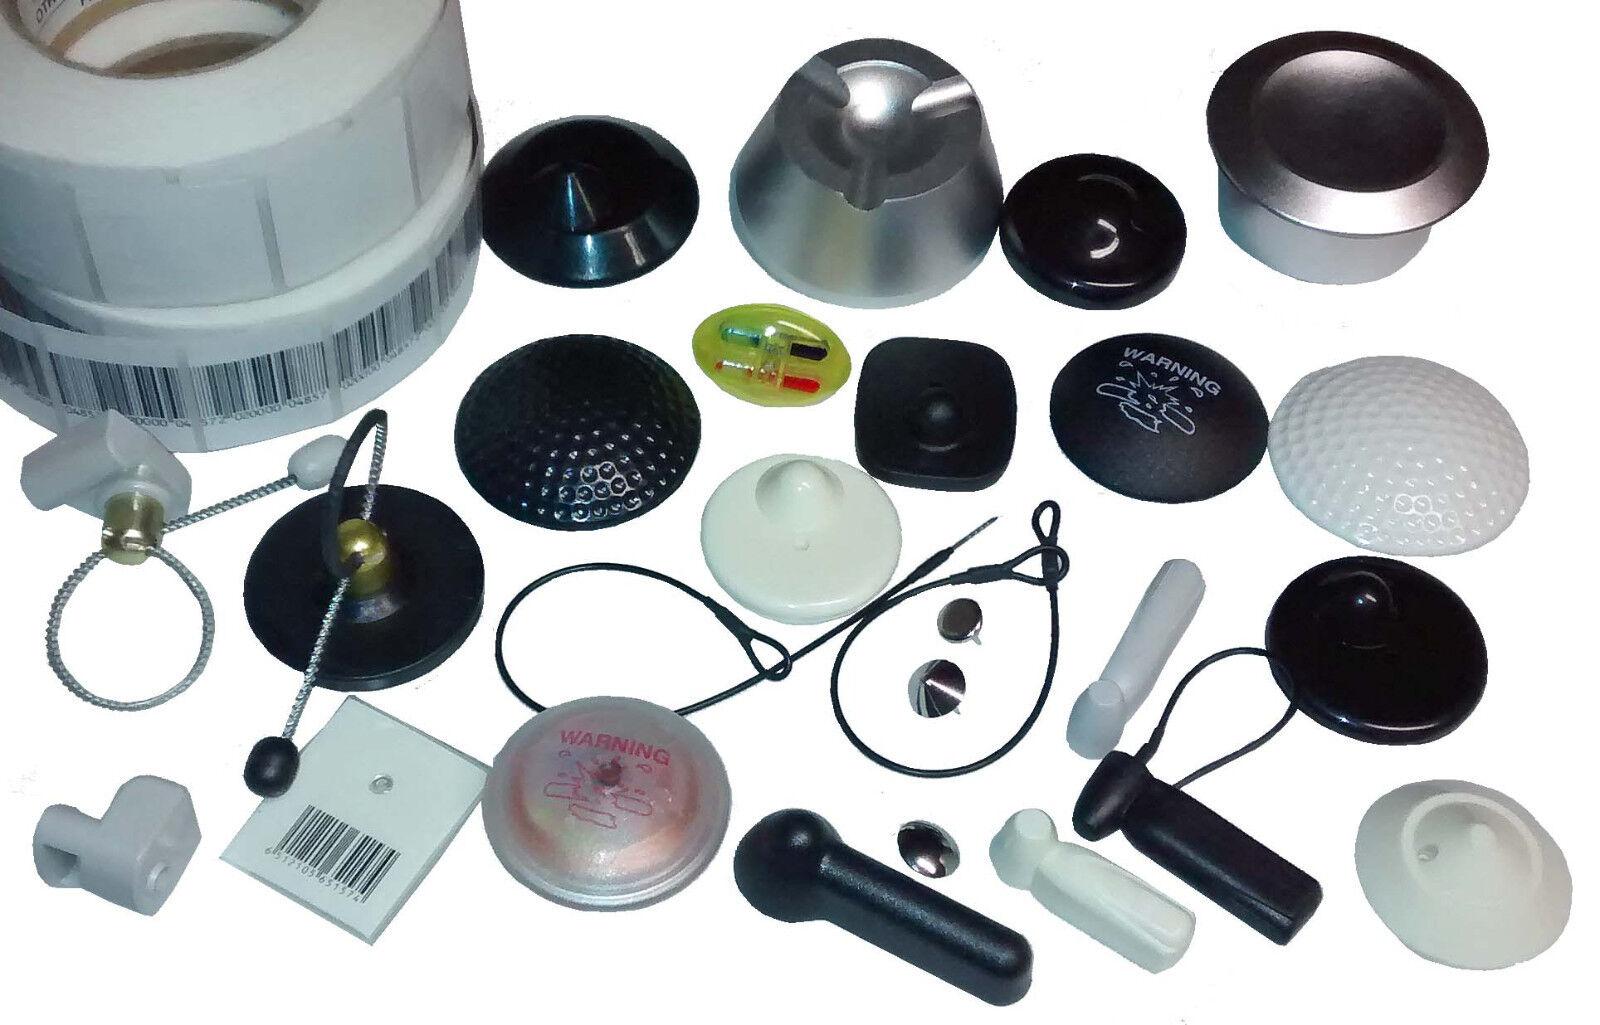 100 Stahlschlaufen 200mm zwei Ösen schwarz Warensicherung Artikelsicherung EL001